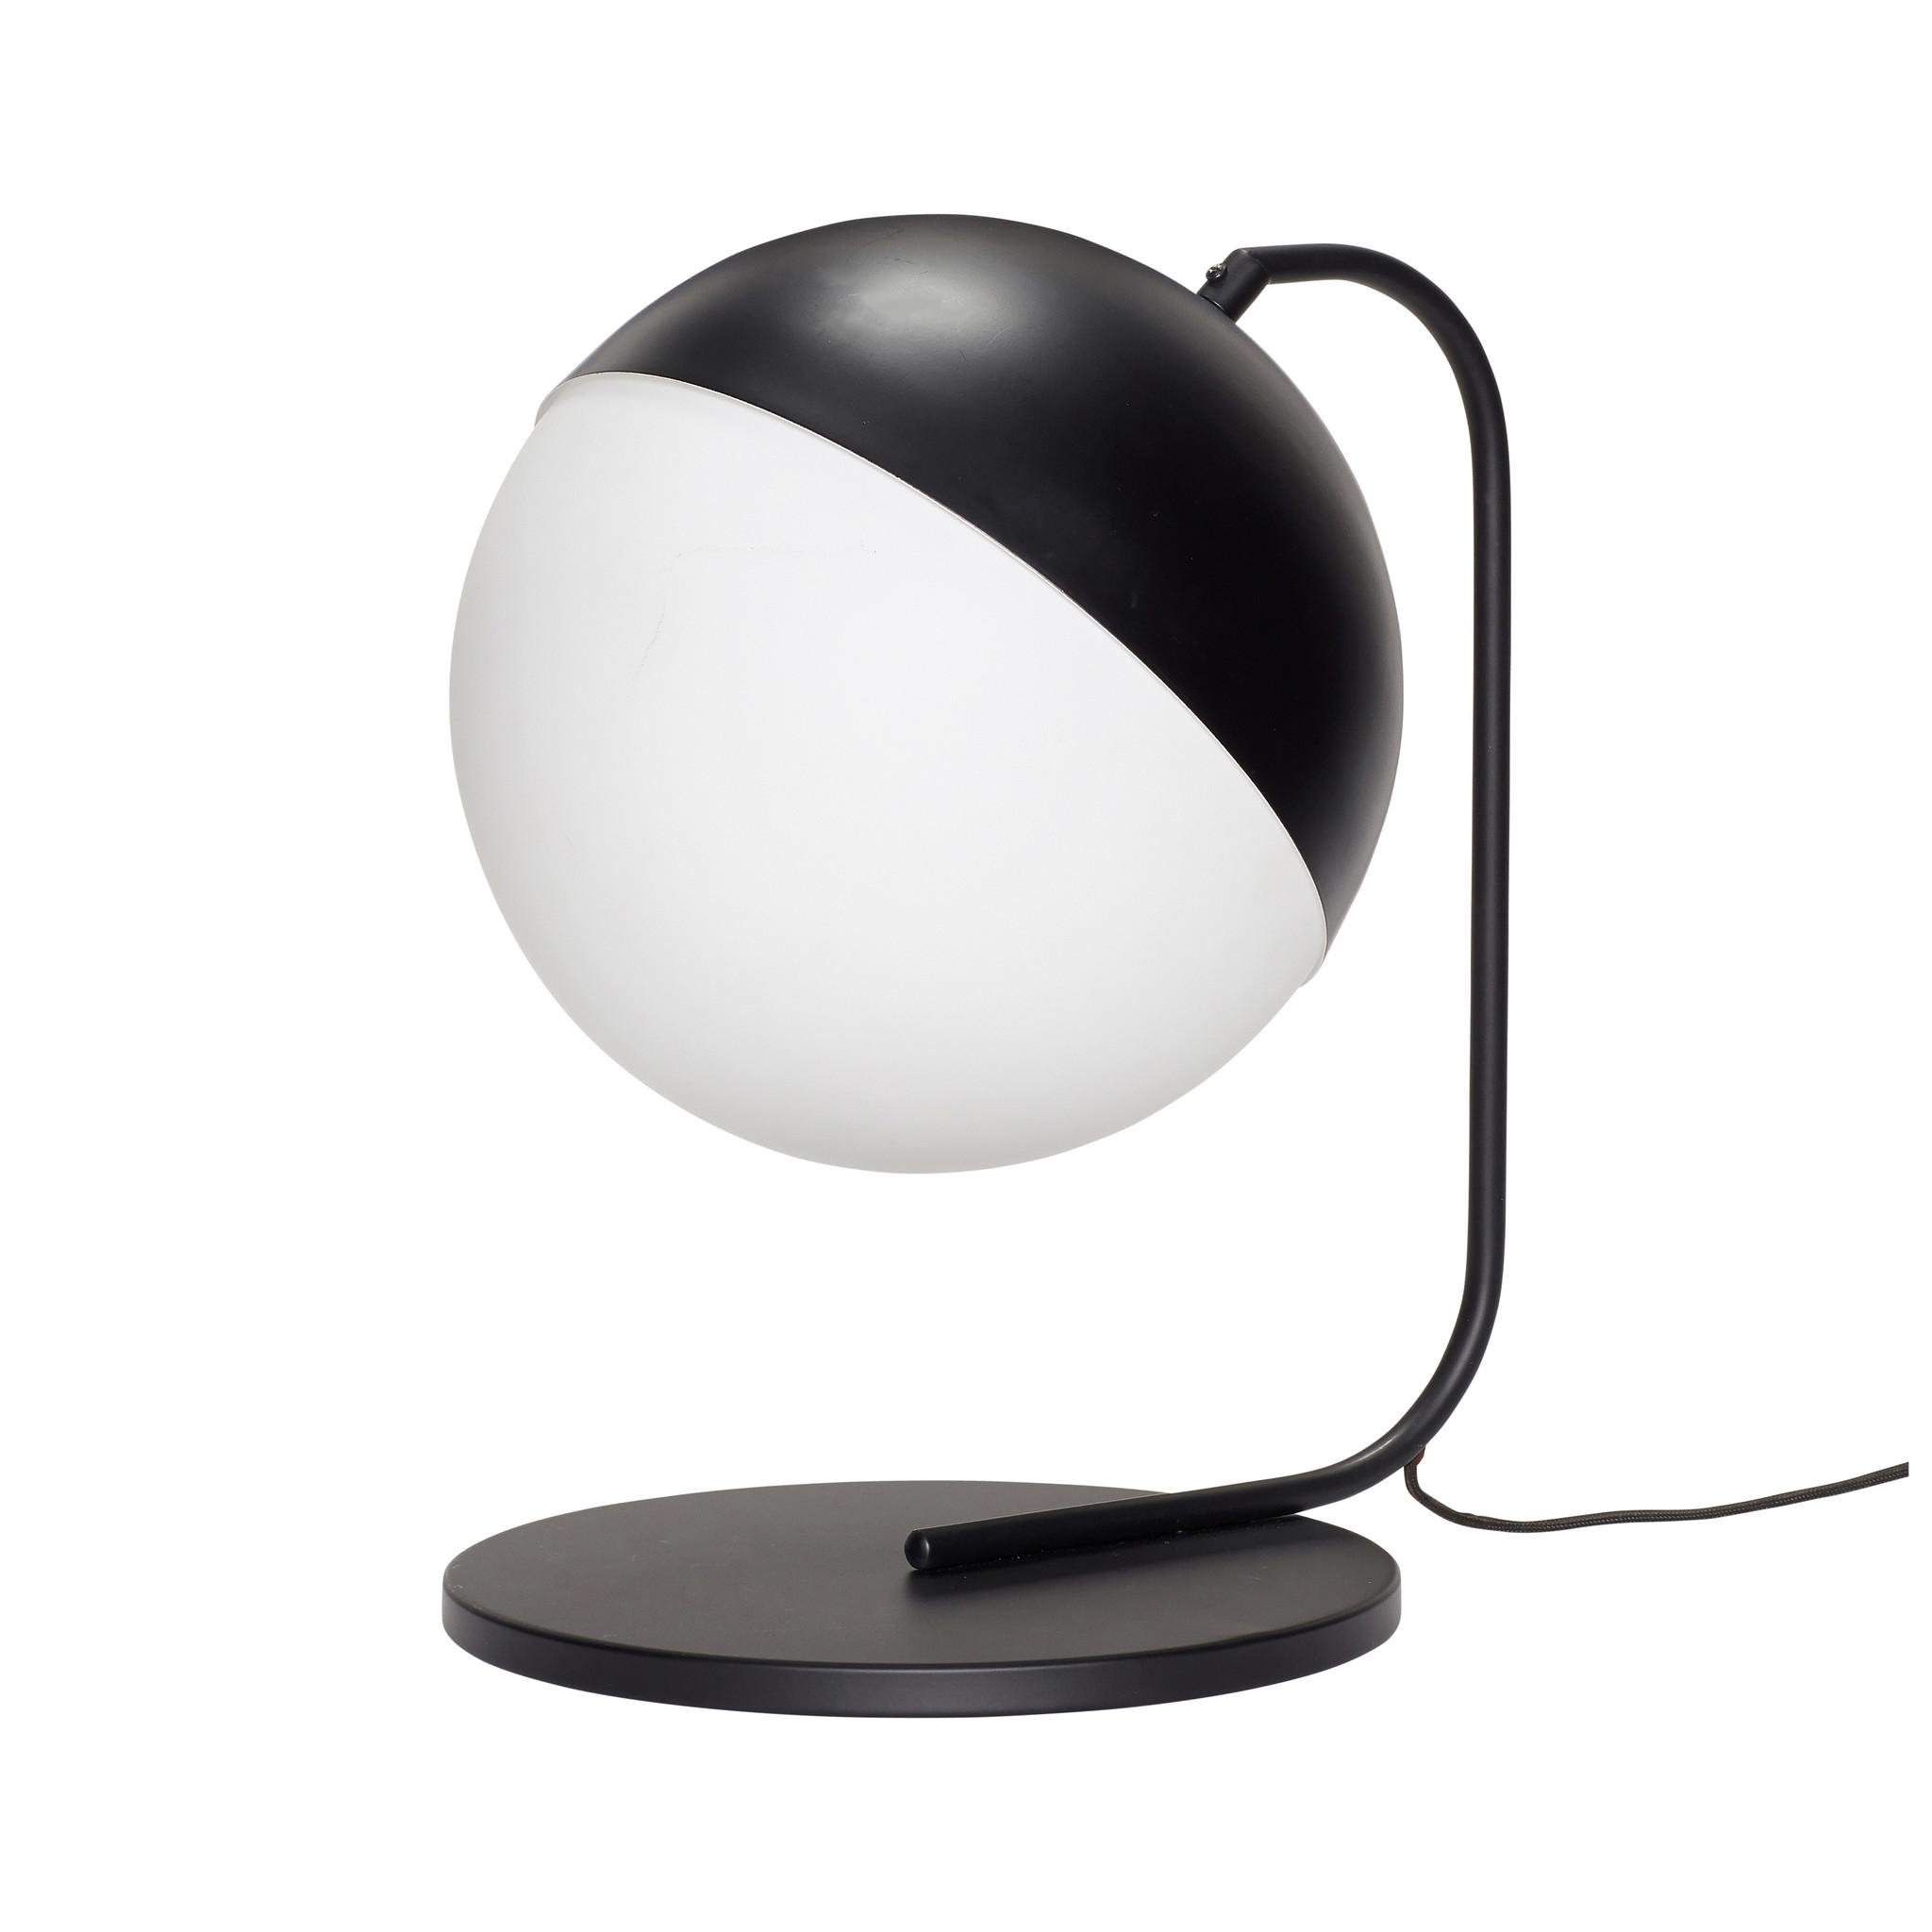 Hubsch Tafellamp, metaal, zwart / wit